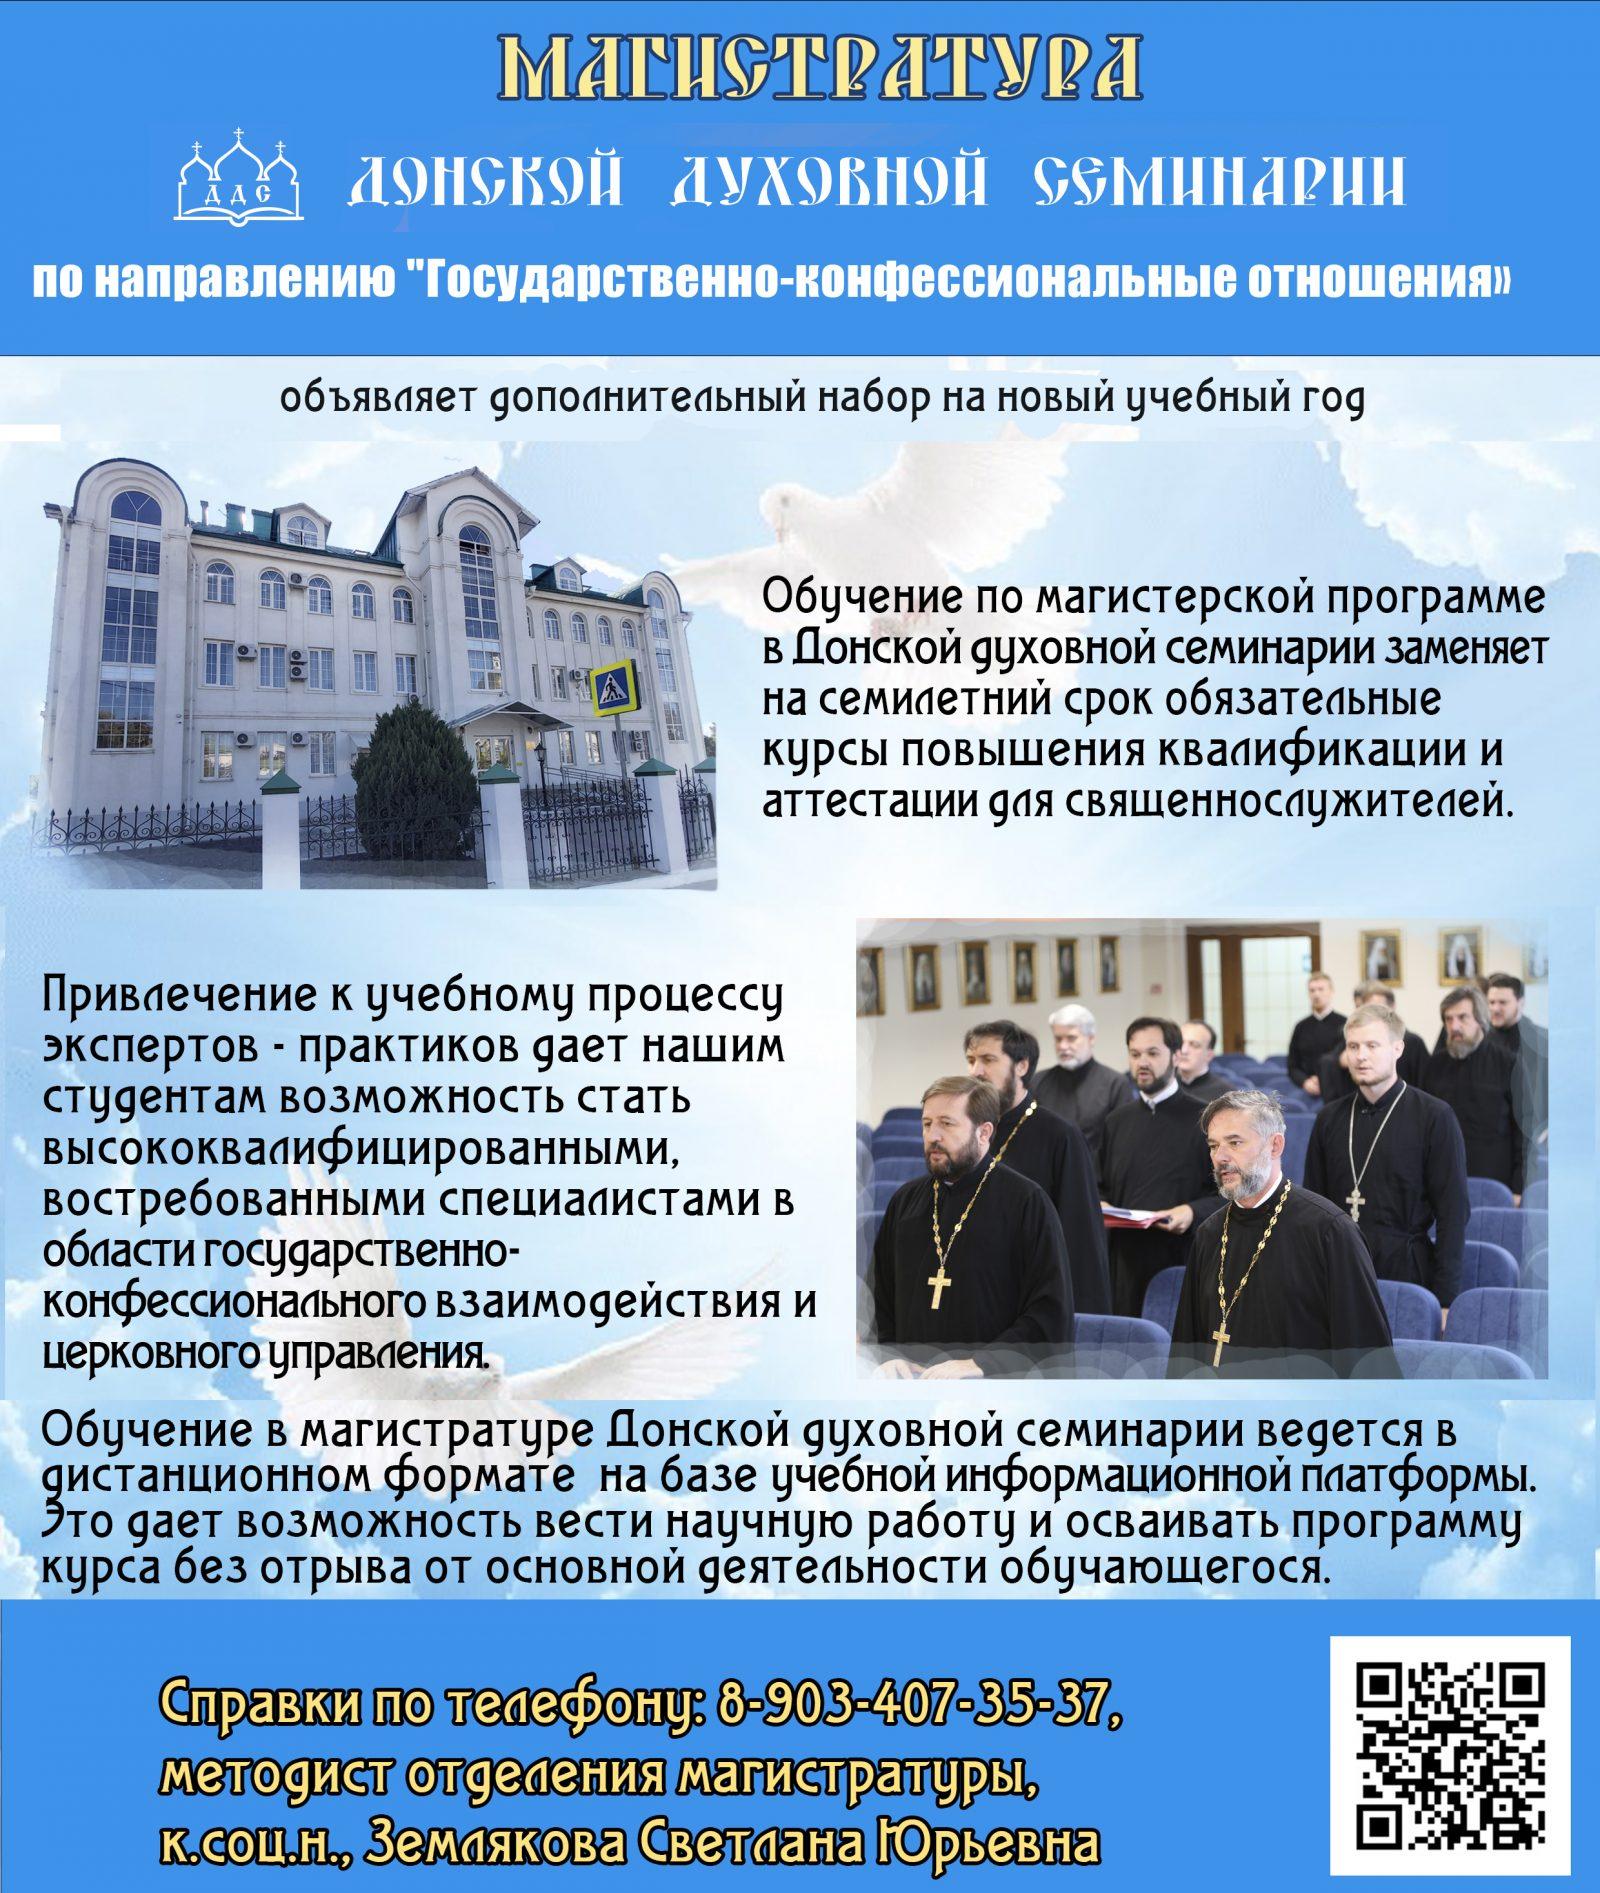 Донская духовная семинария объявляет о проведении дополнительного набора на магистерскую программу «Государственно-конфессиональные отношения»